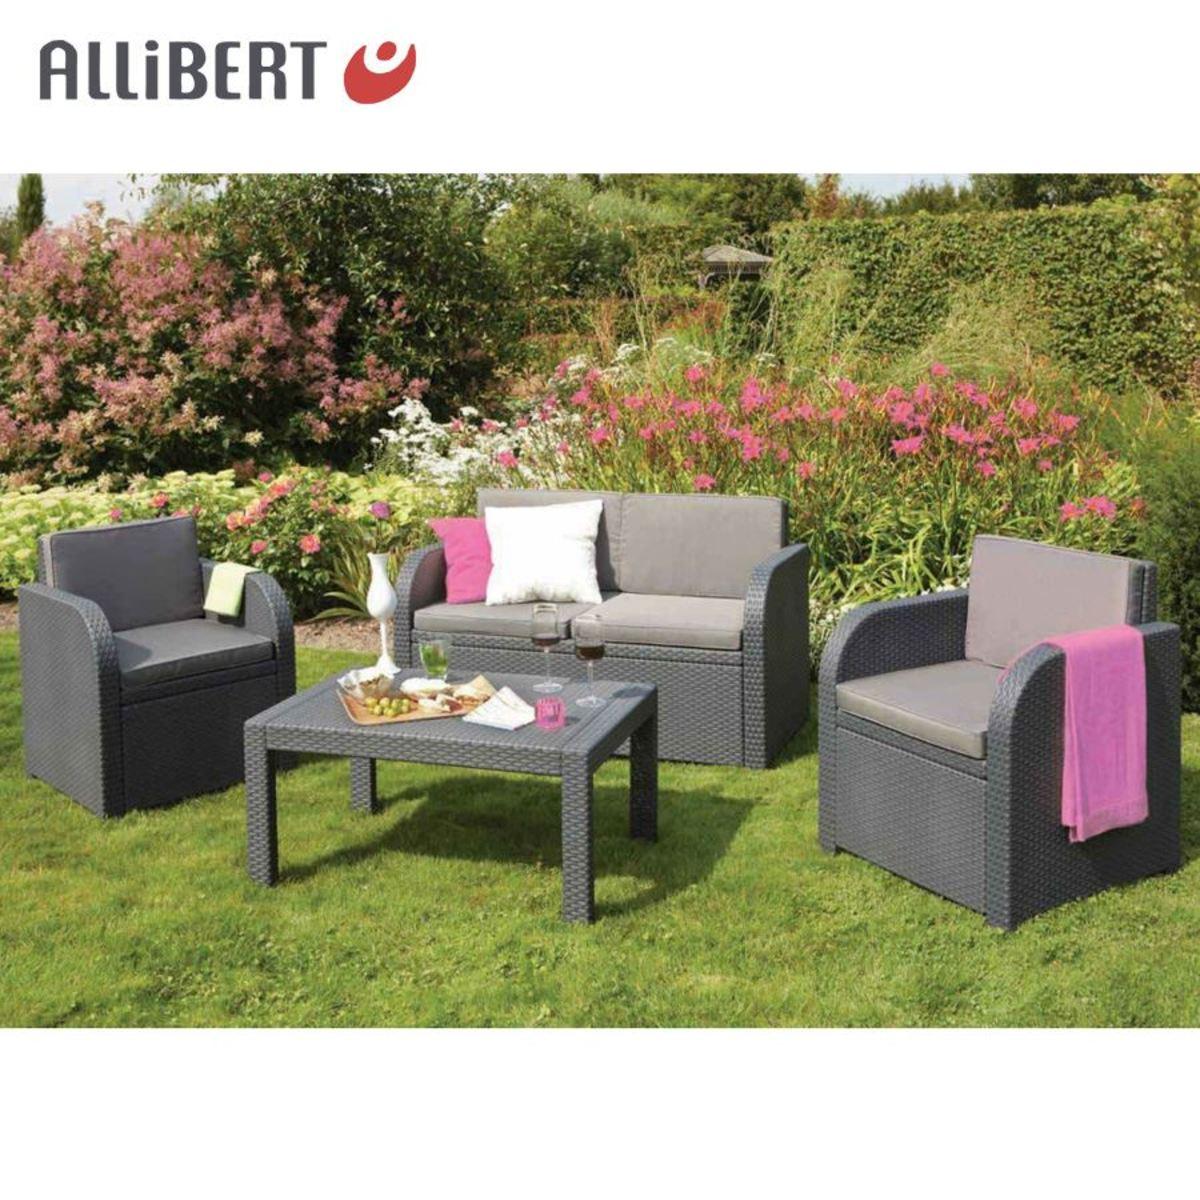 Bild 1 von Allibert Lounge Saint Tropez Graphit mit Auflagen